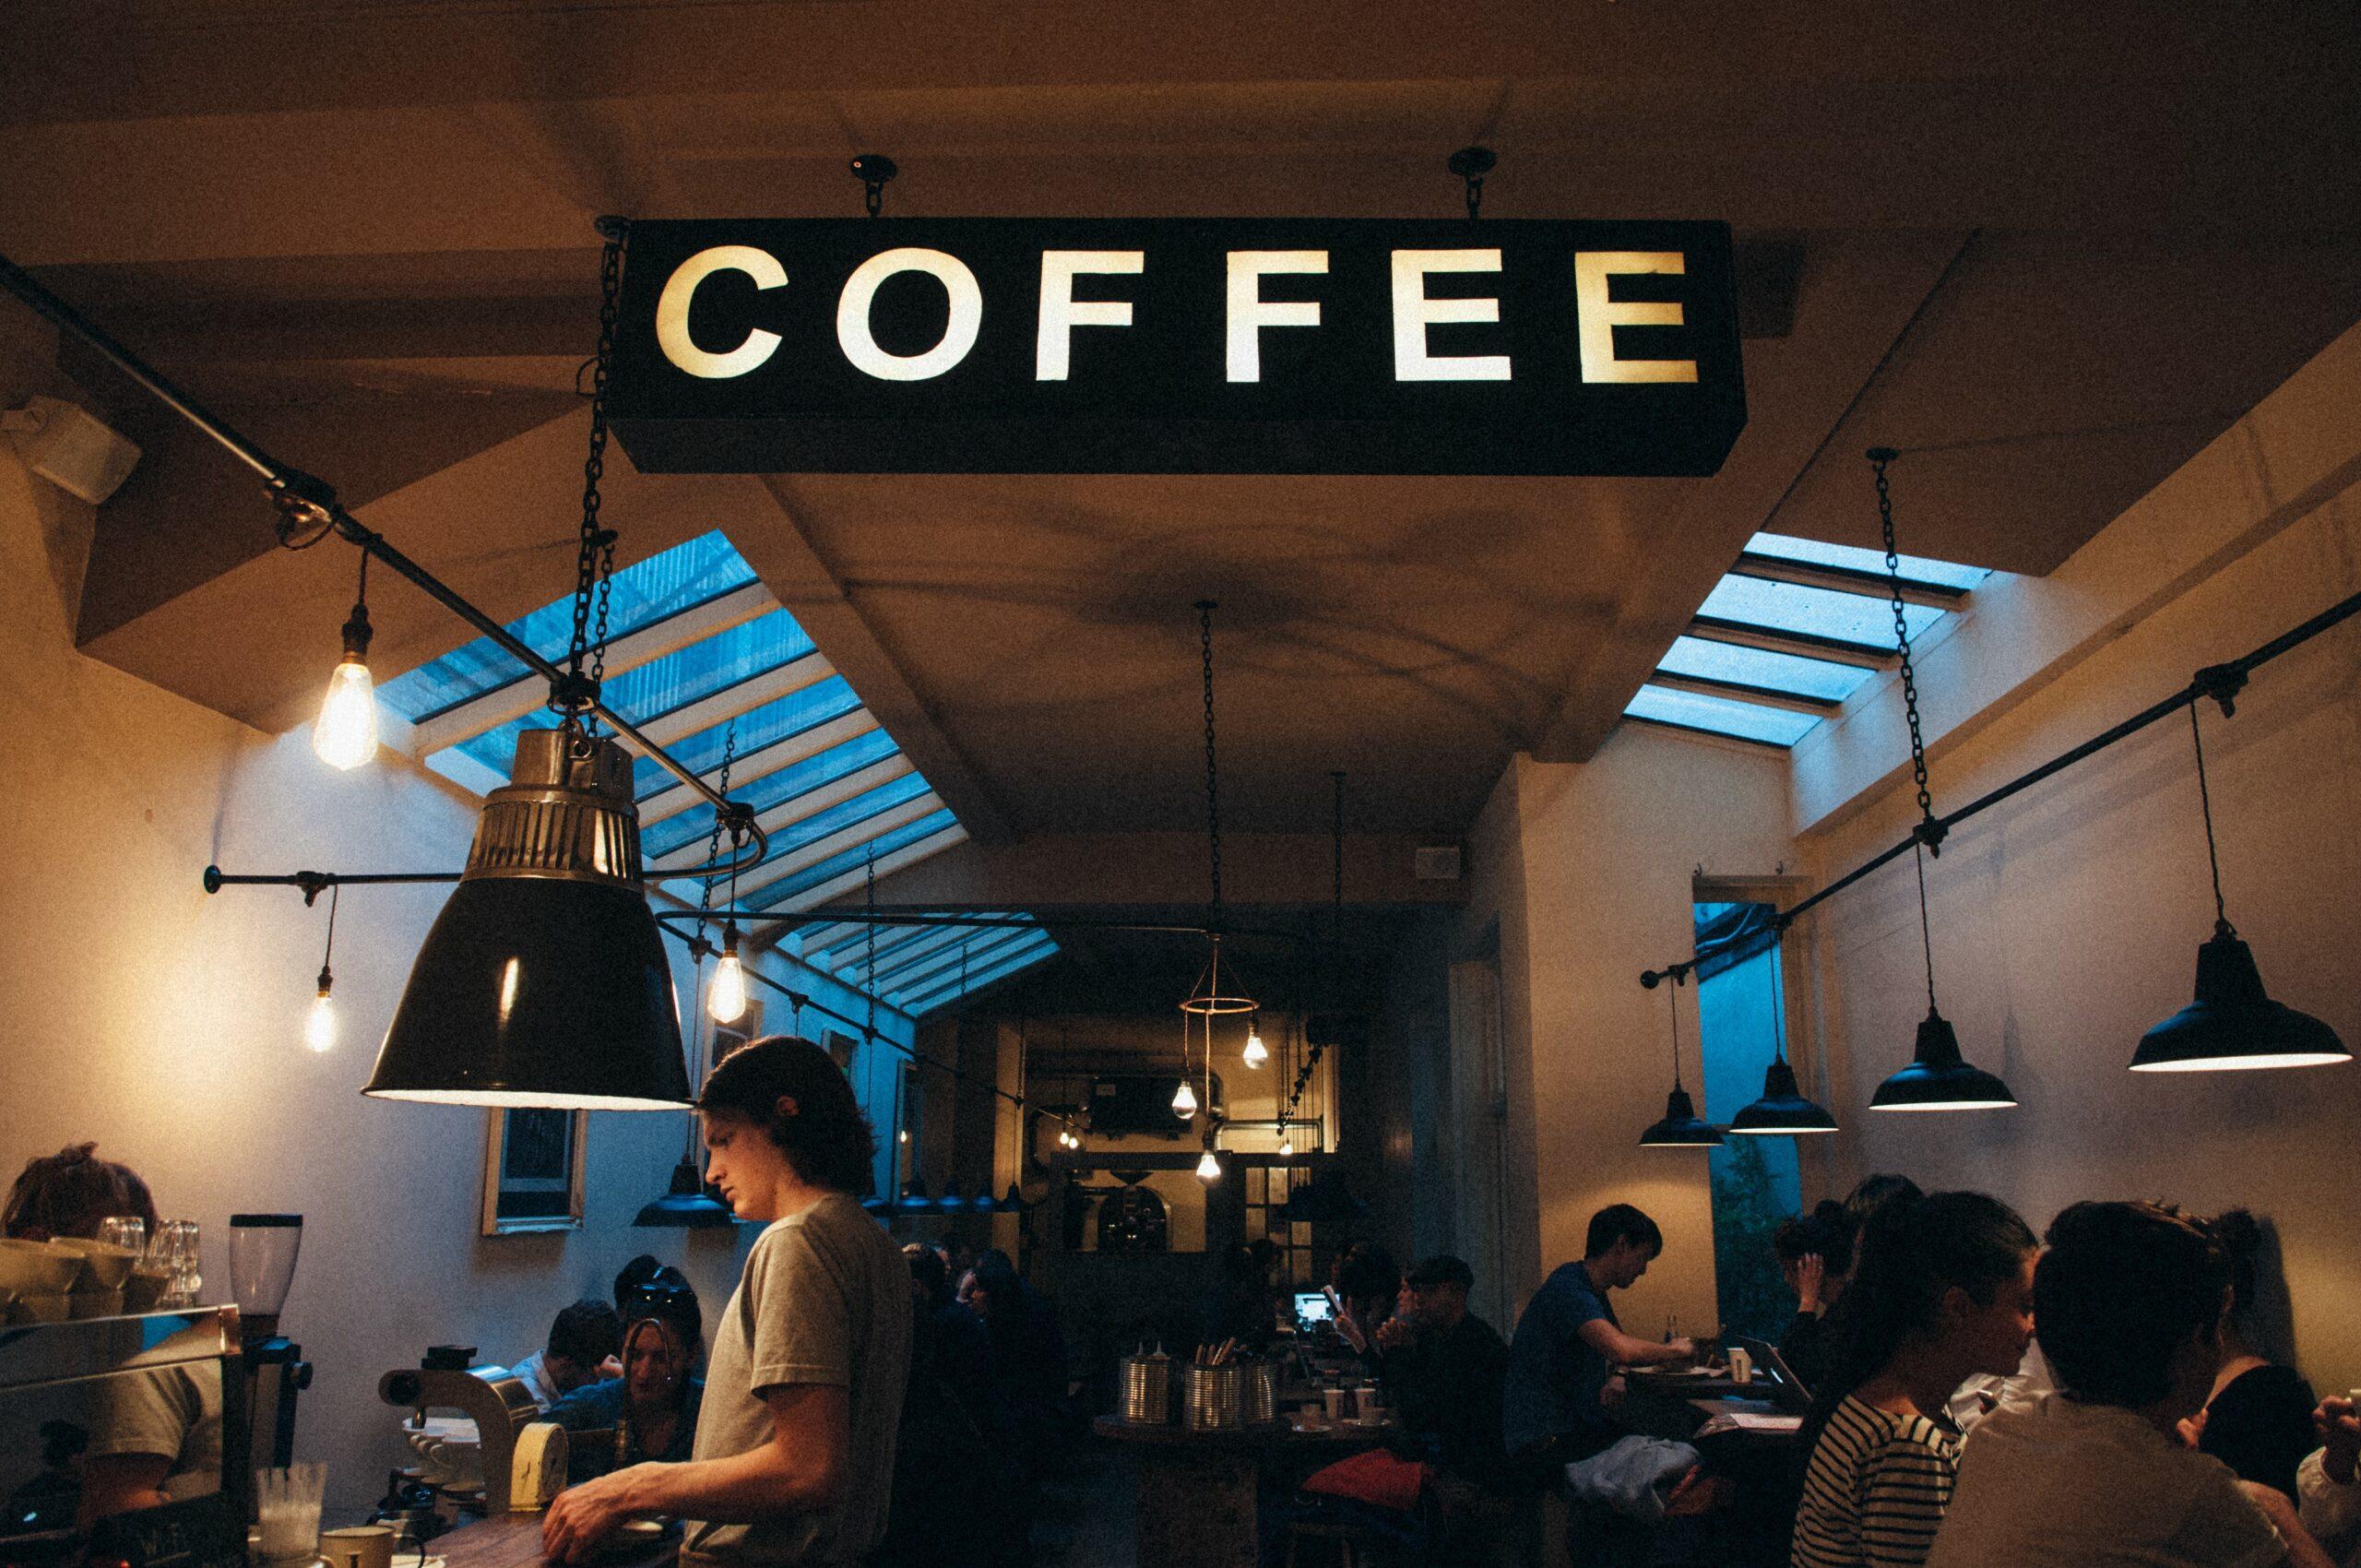 توجد شواغر للعمل في مقهى في عمان الاردن